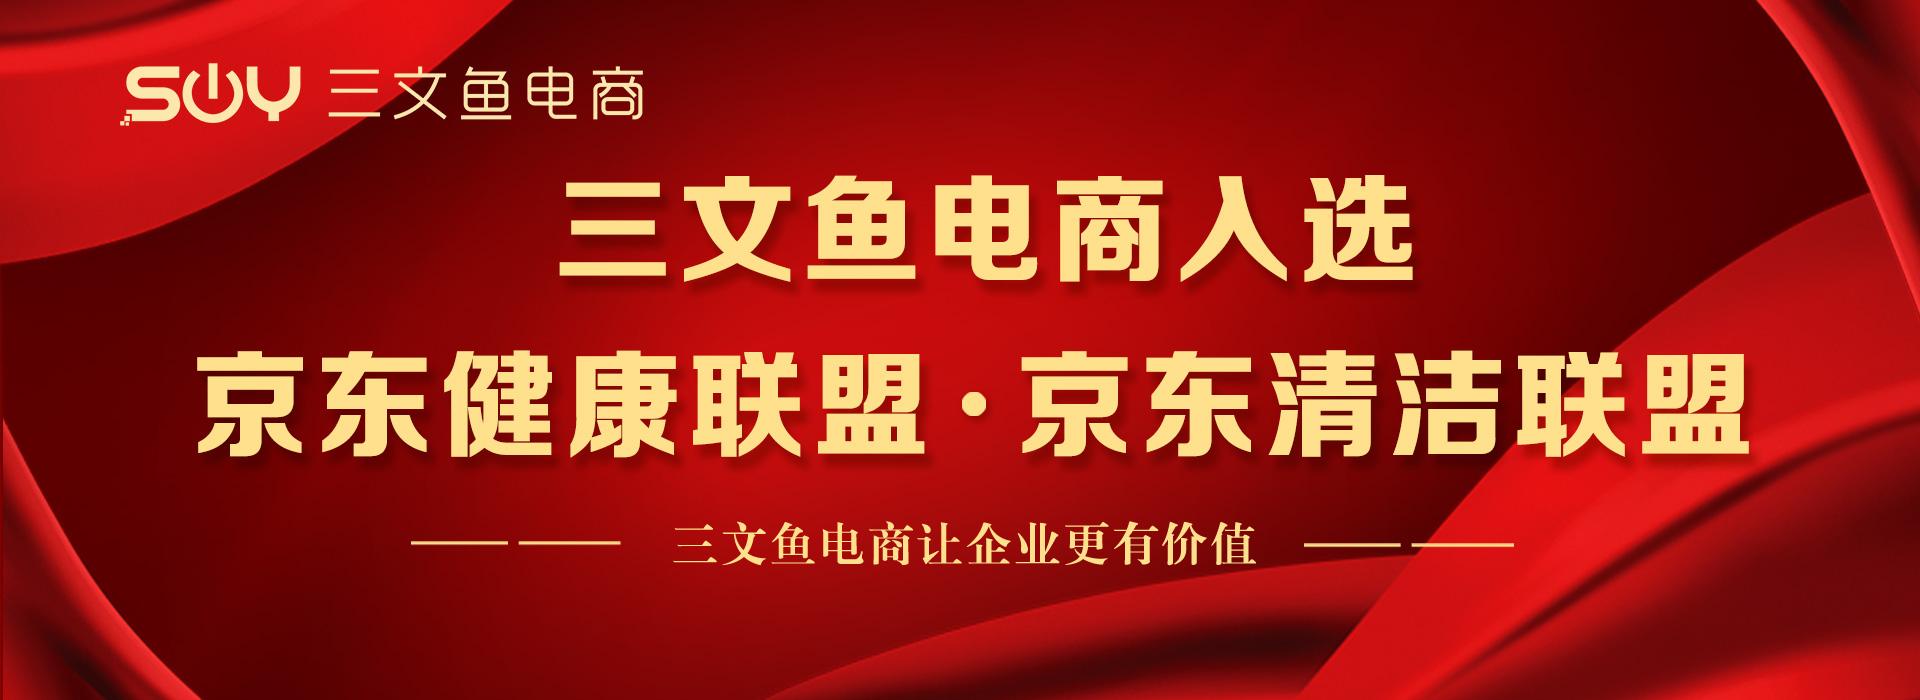 """喜报!三文鱼电商首批入选""""京东健康联盟""""、""""京东清洁联盟"""""""